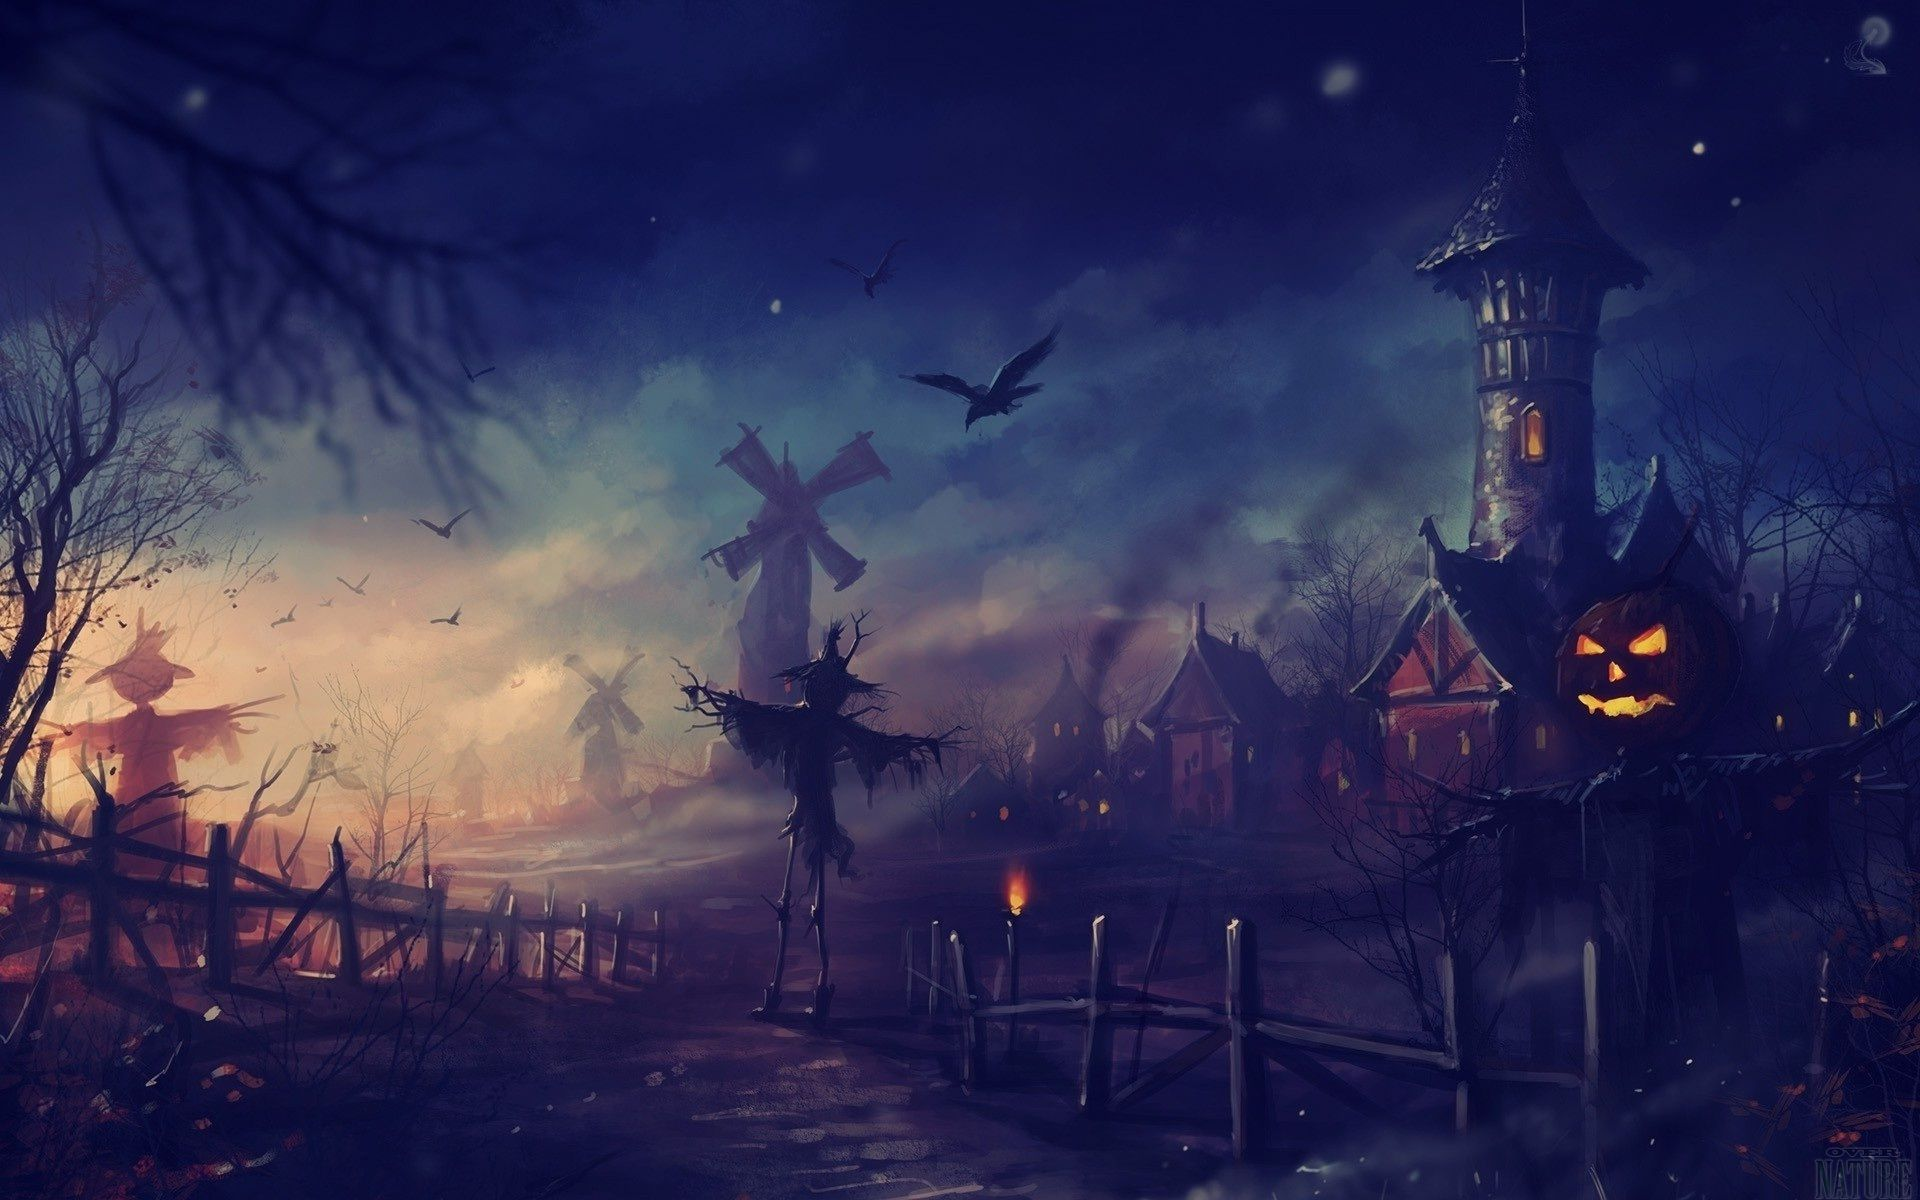 Halloween Landscape Wallpapers Halloween Costumes